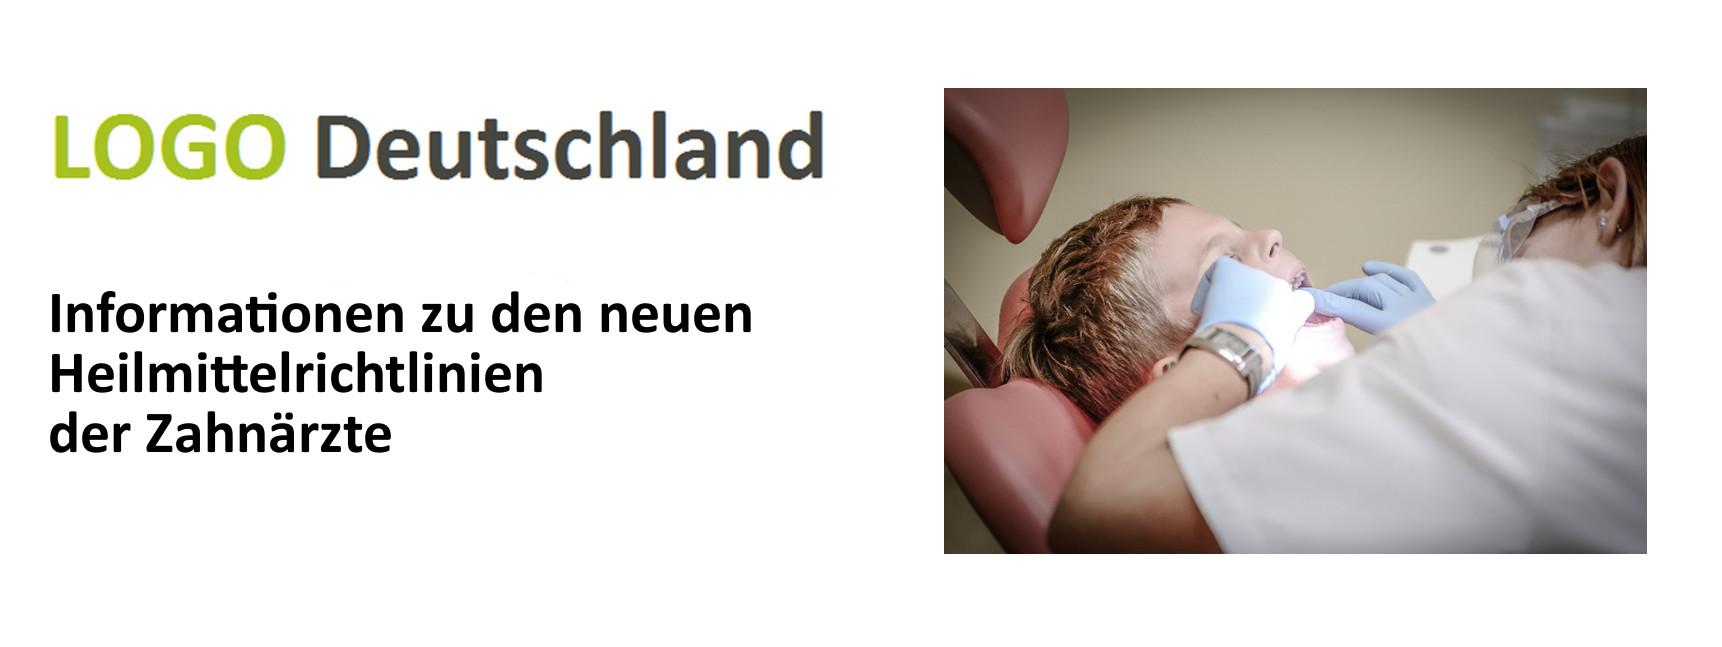 Zahnärzte_Slider